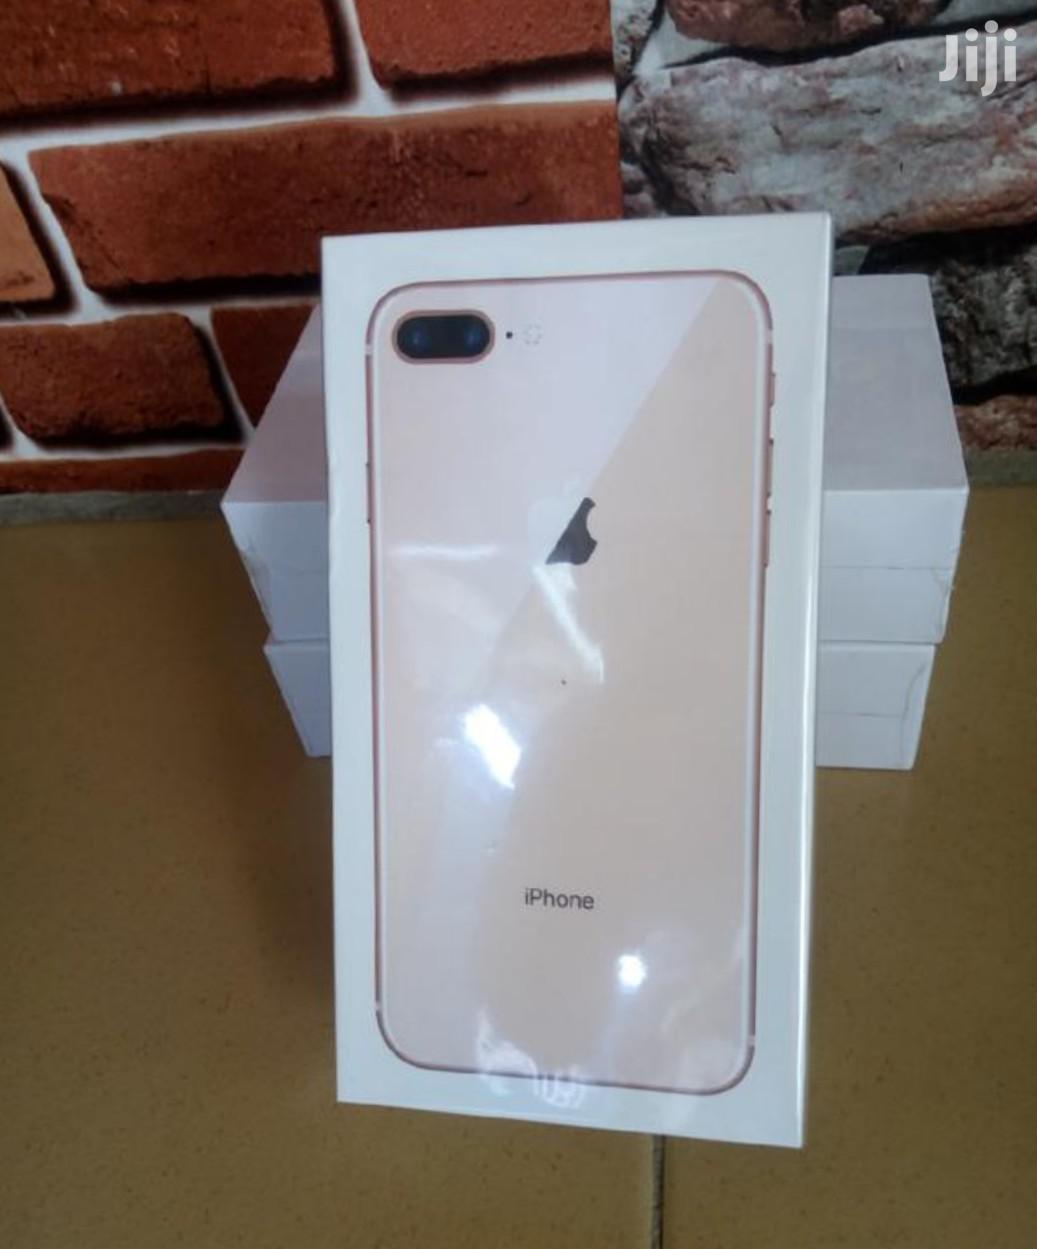 New Apple iPhone 8 64 GB Silver   Mobile Phones for sale in Kumasi Metropolitan, Ashanti, Ghana